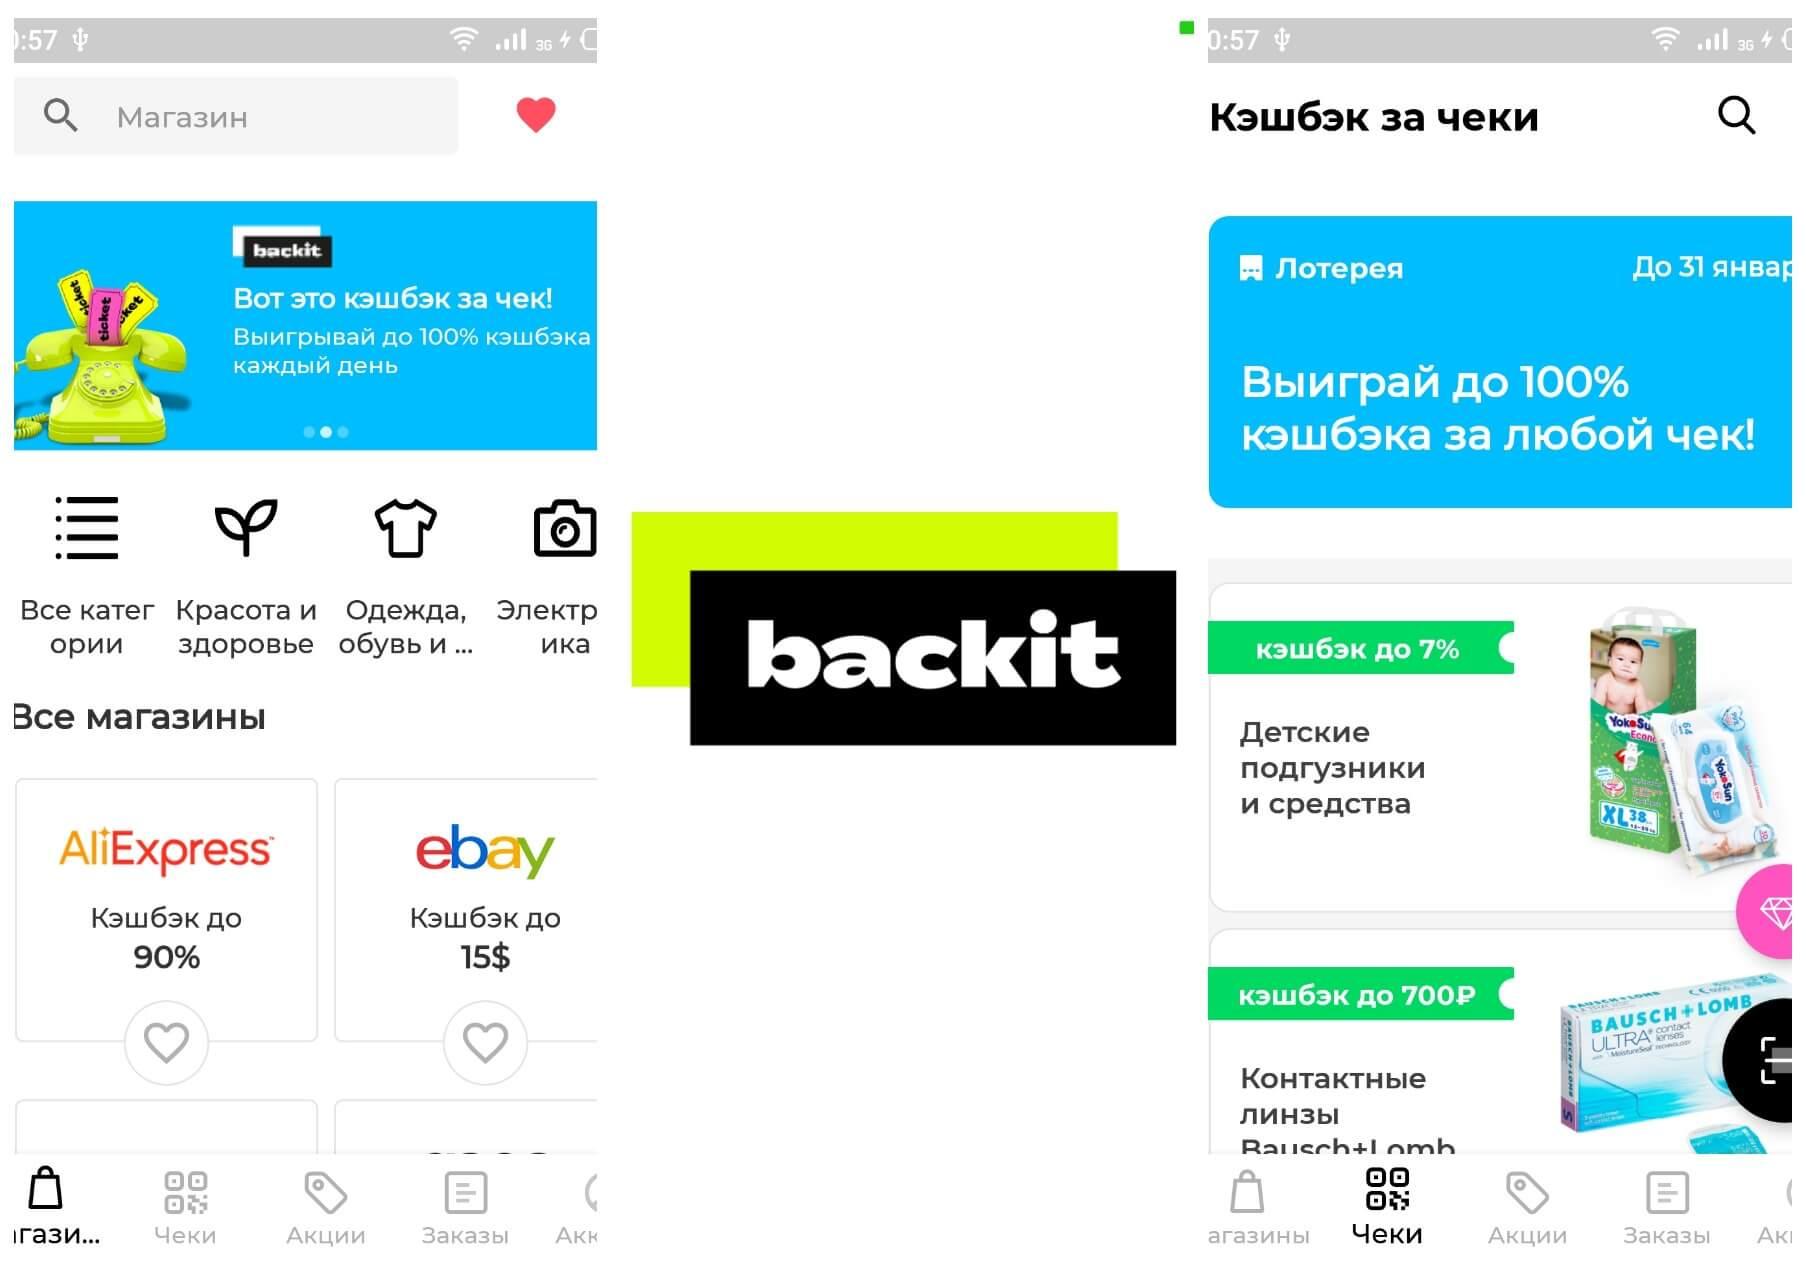 На фото изображено приложение Epn cashback aliexpress.